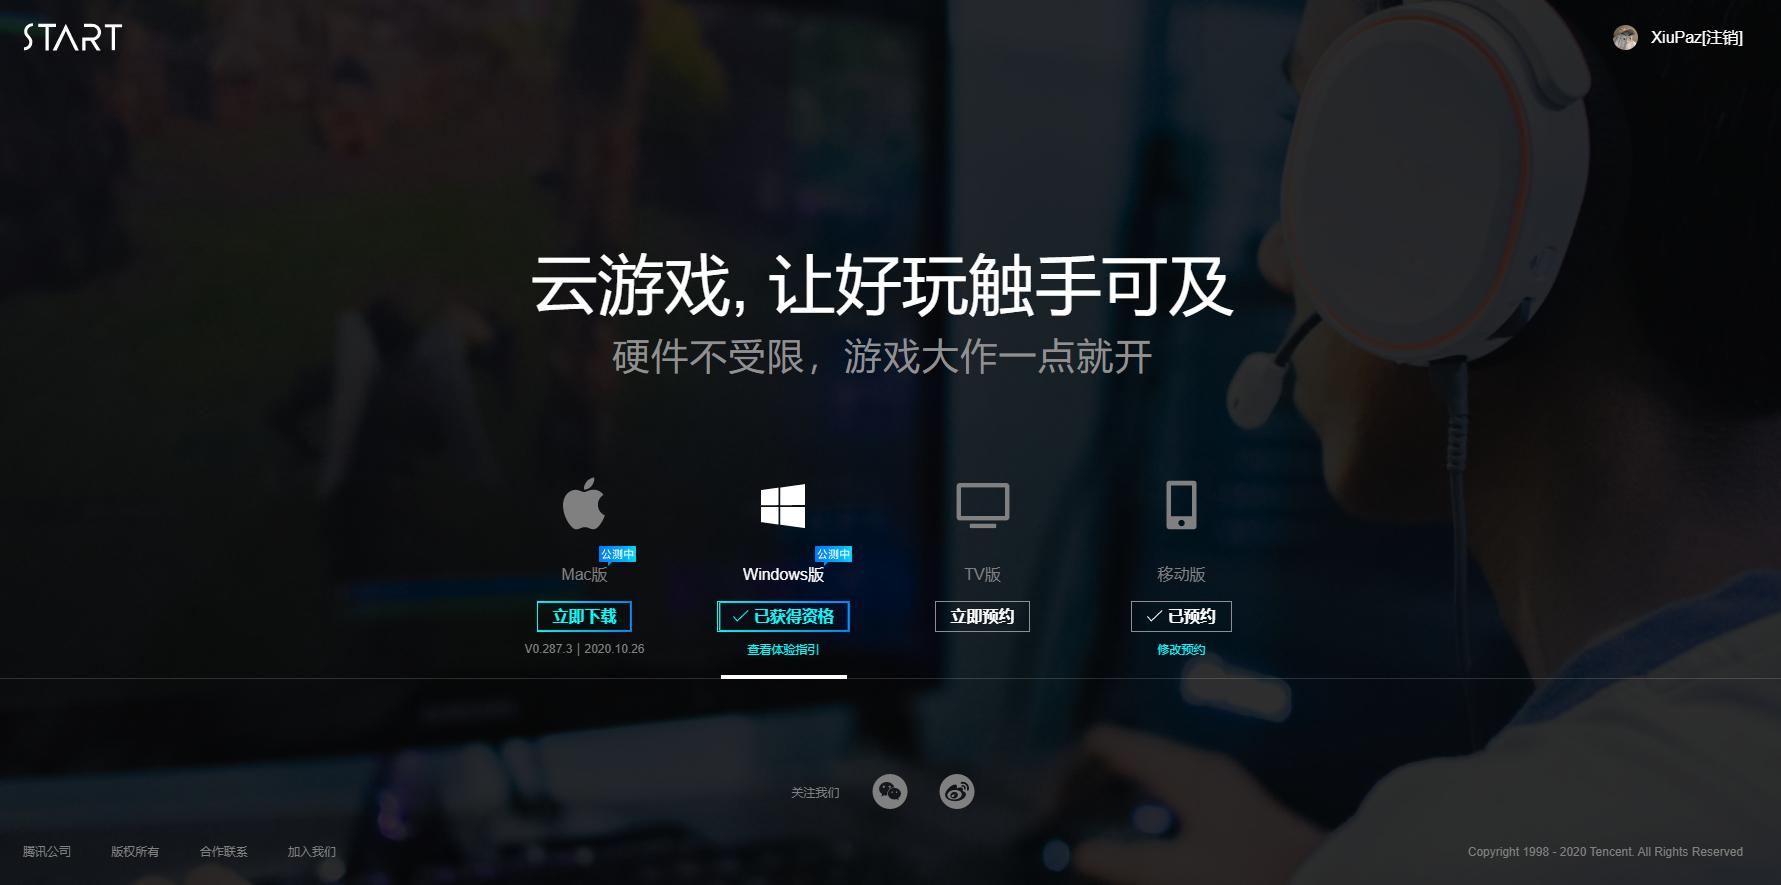 START腾讯云游戏开启公测 渣机的福利